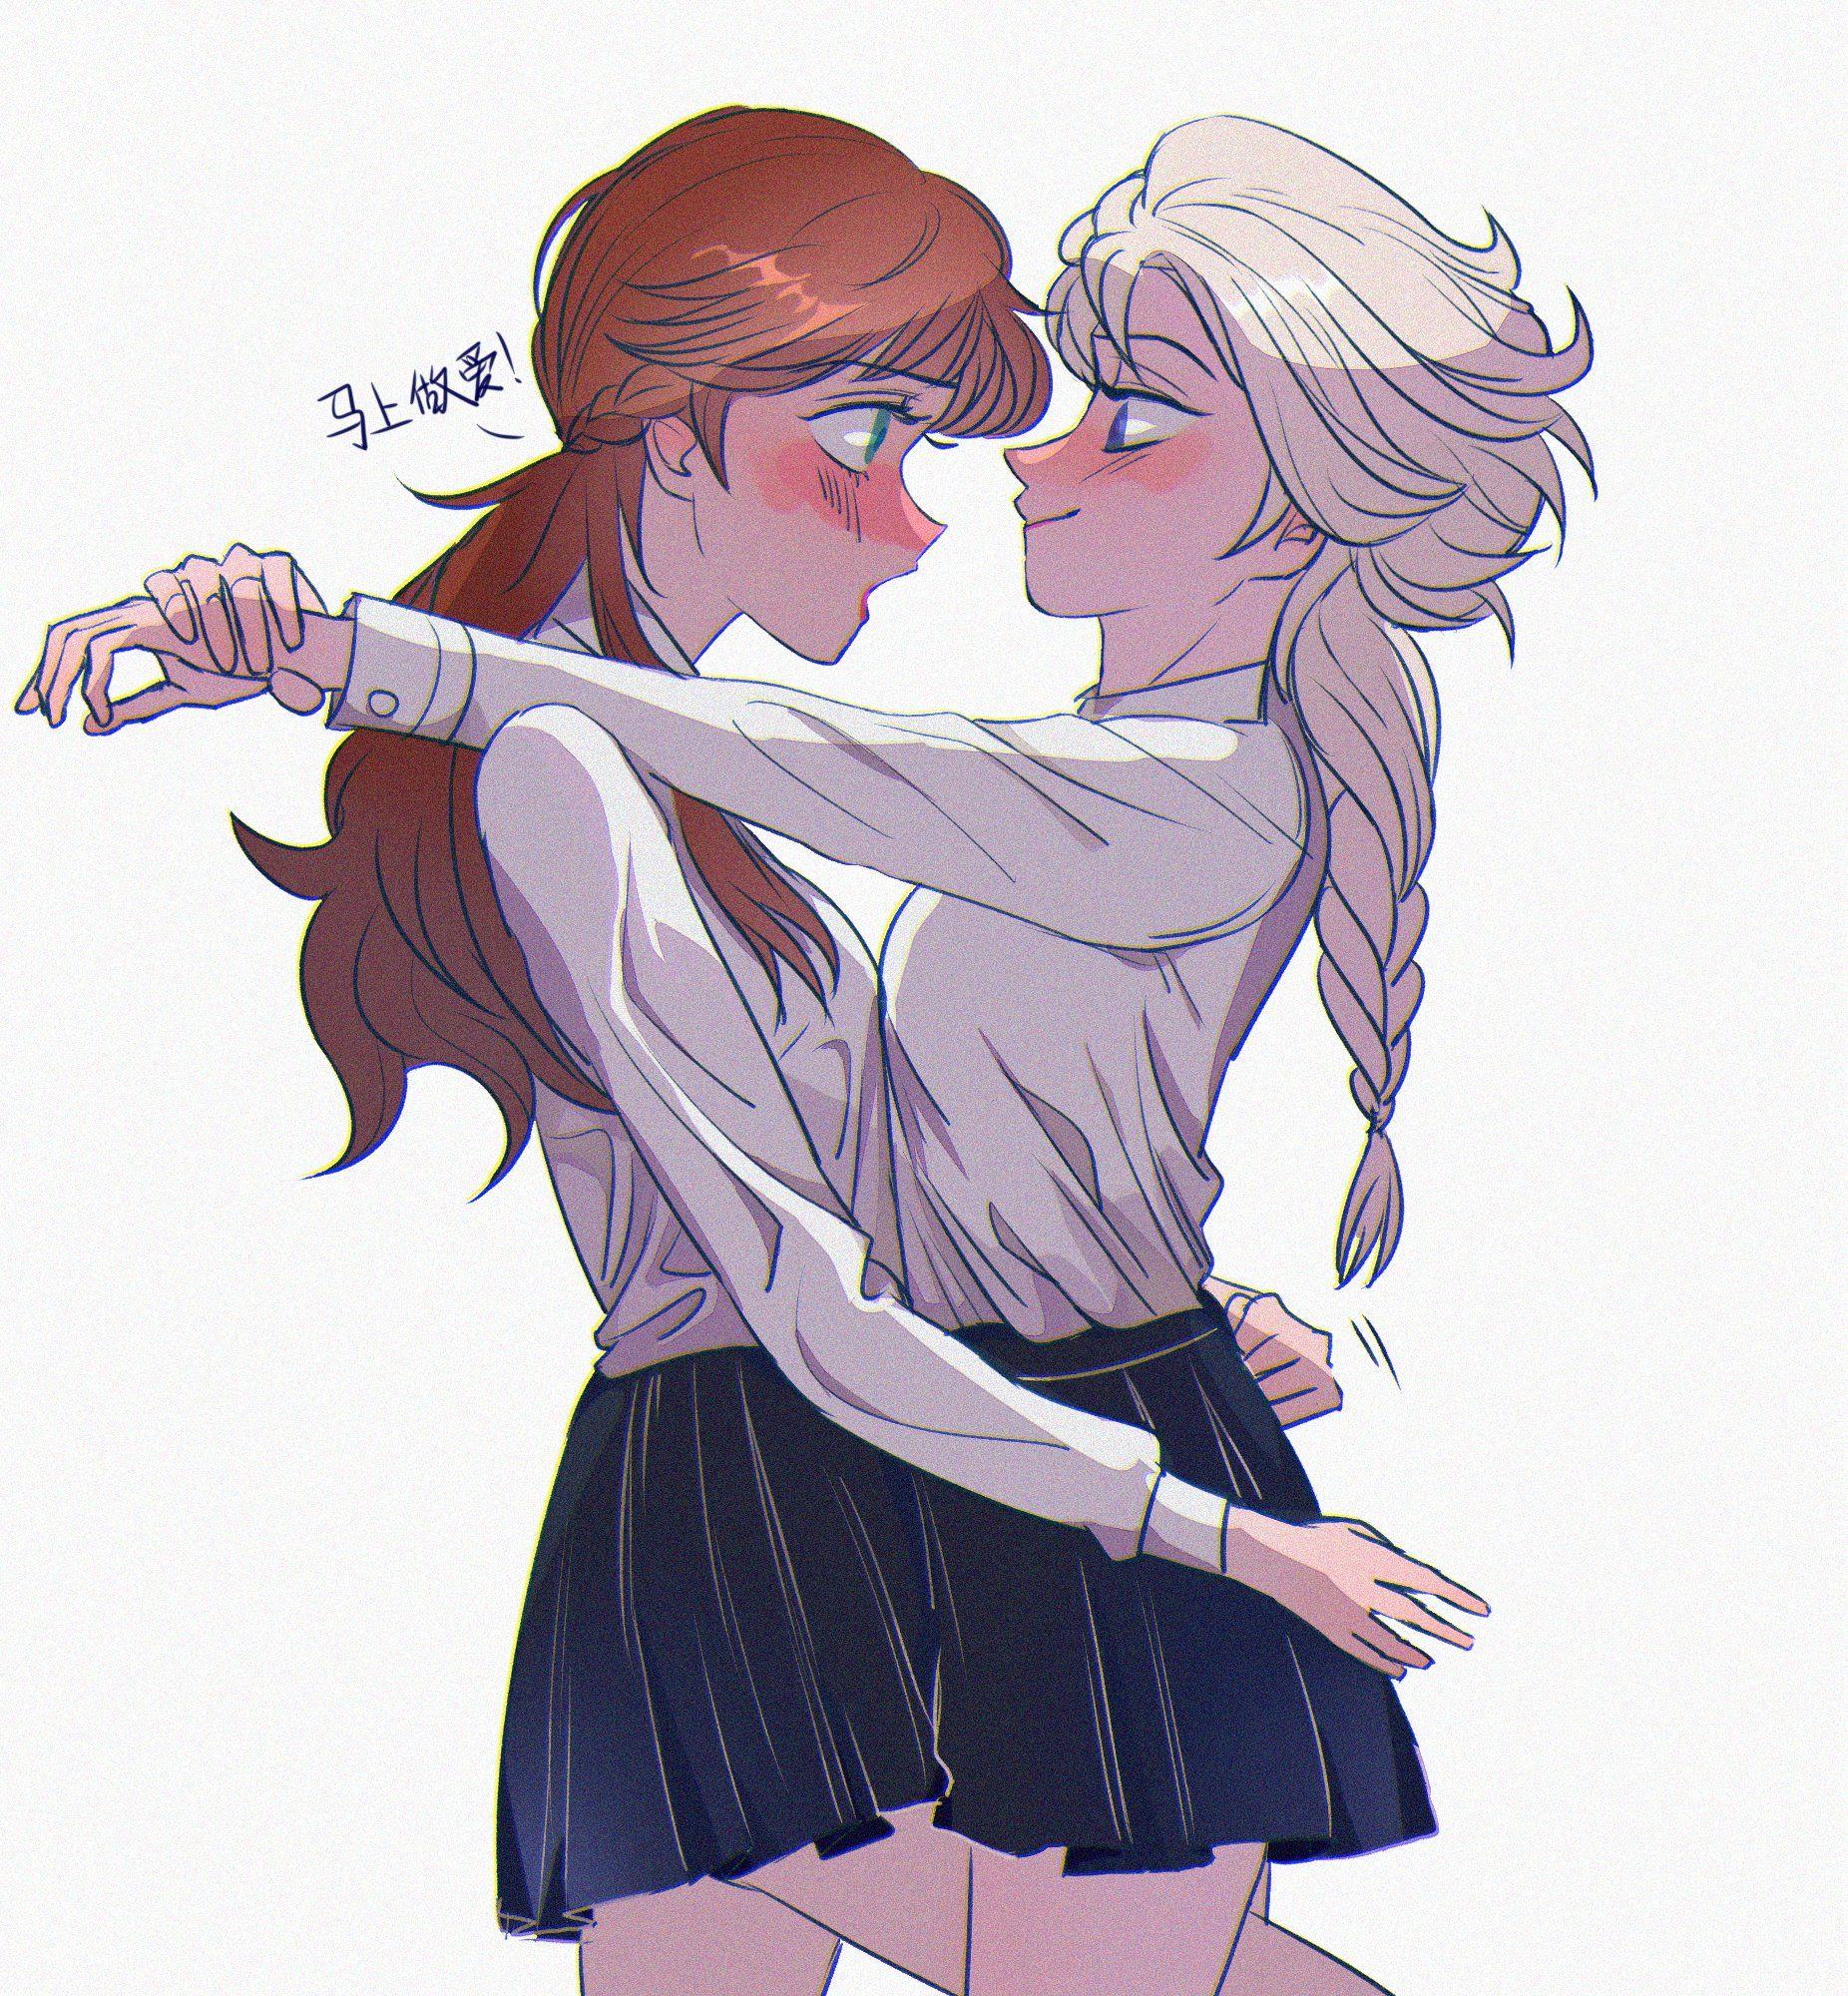 IAMSOFUCKINGCOOL on Twitter | Anime girlxgirl, Cute